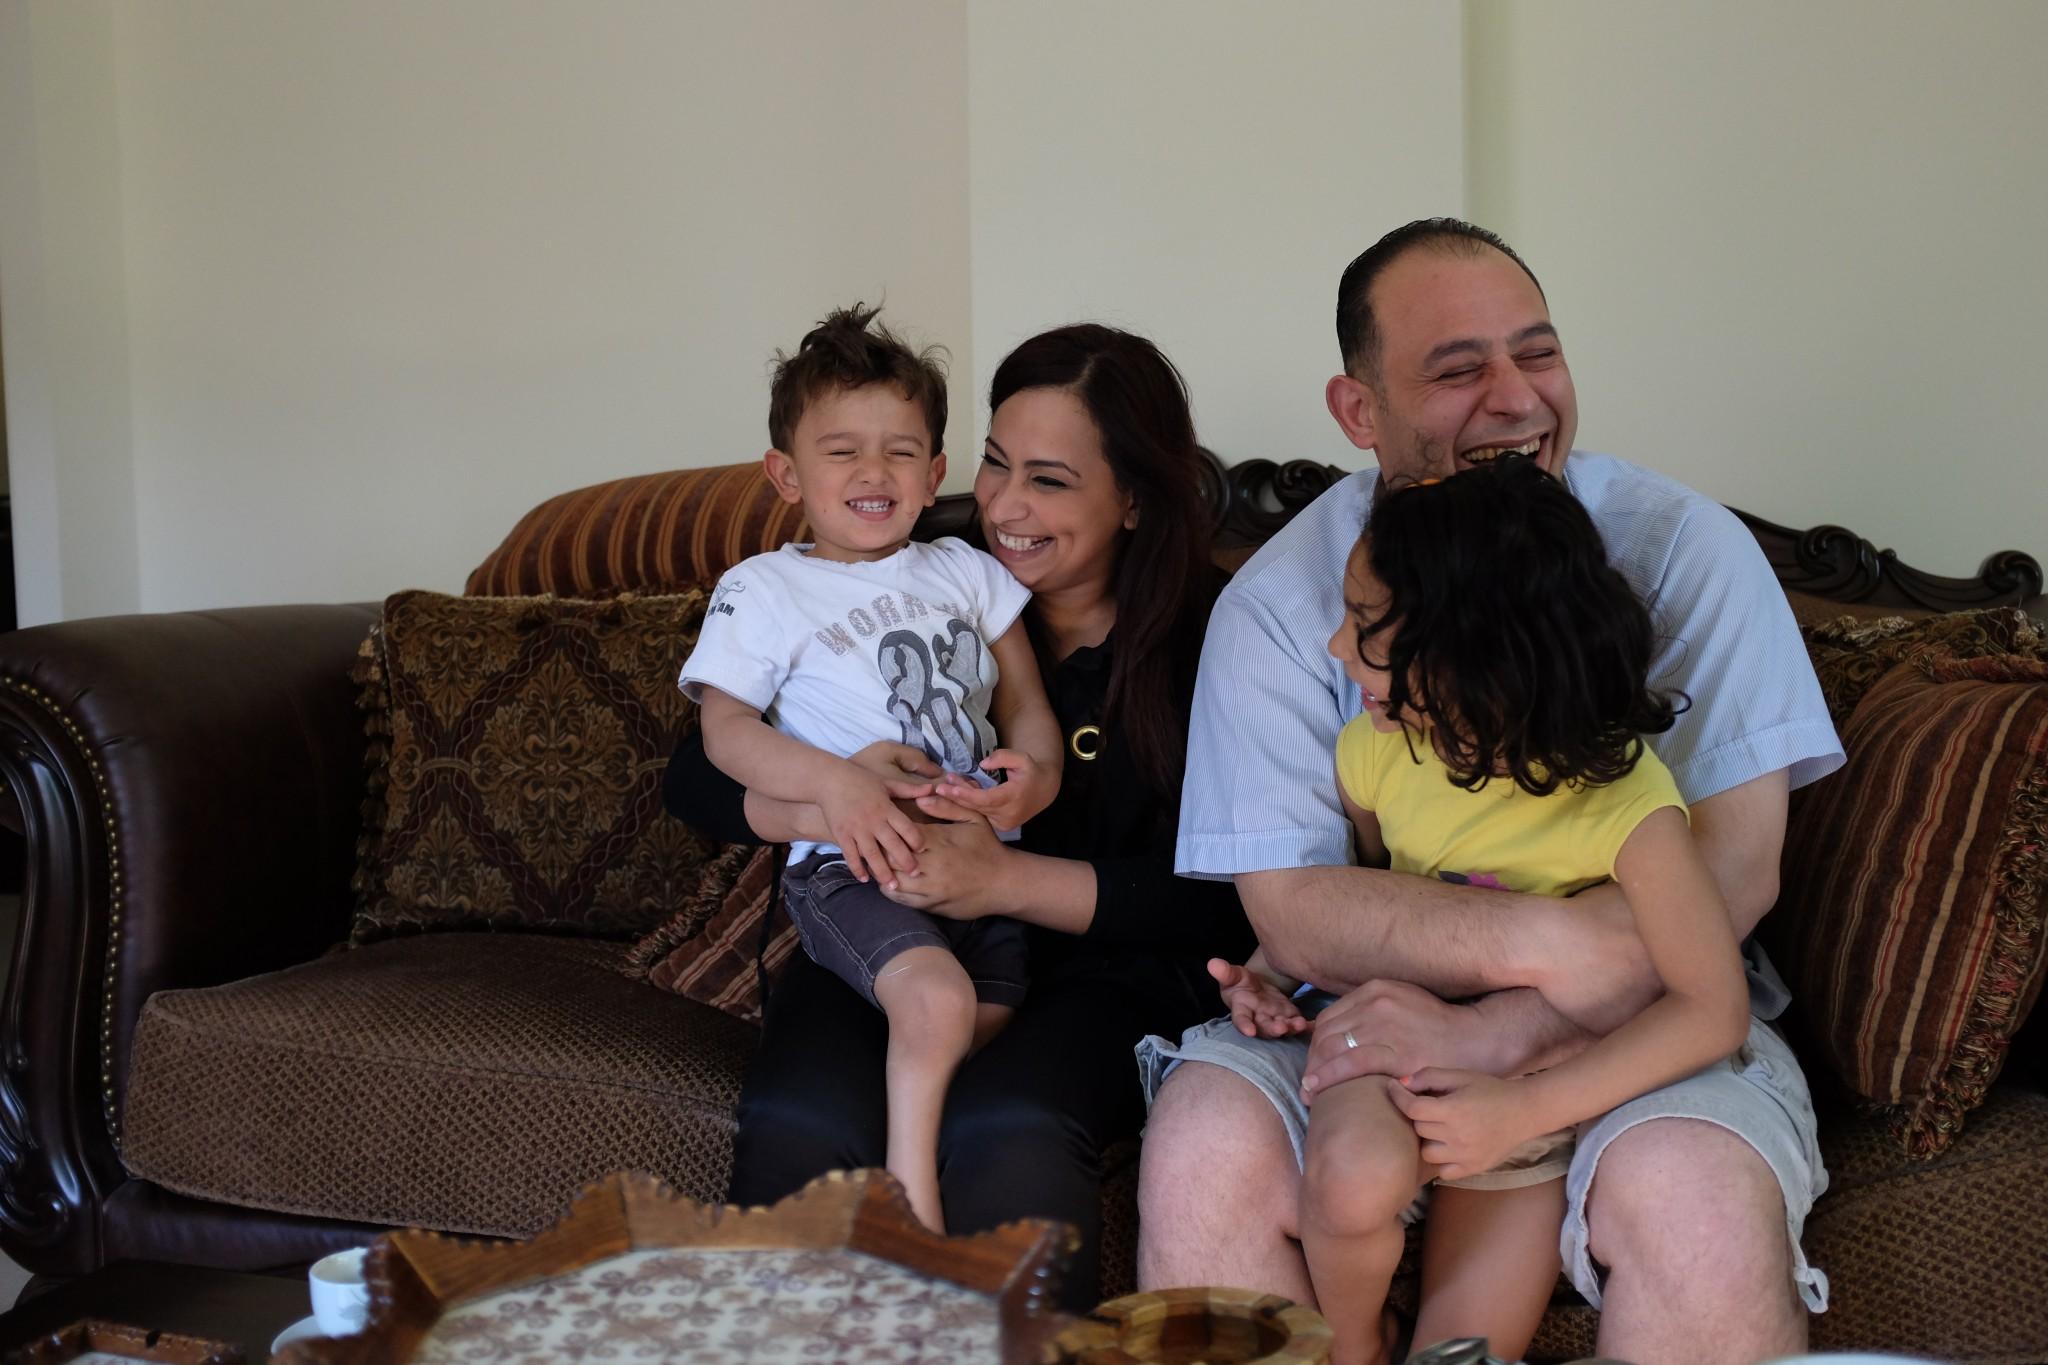 אלאא אל-הביל (יאגי), בתם של נאסר וסלוה, עם בעלה אדהם בביתם ברמאללה. צילום: אלכס ליבק